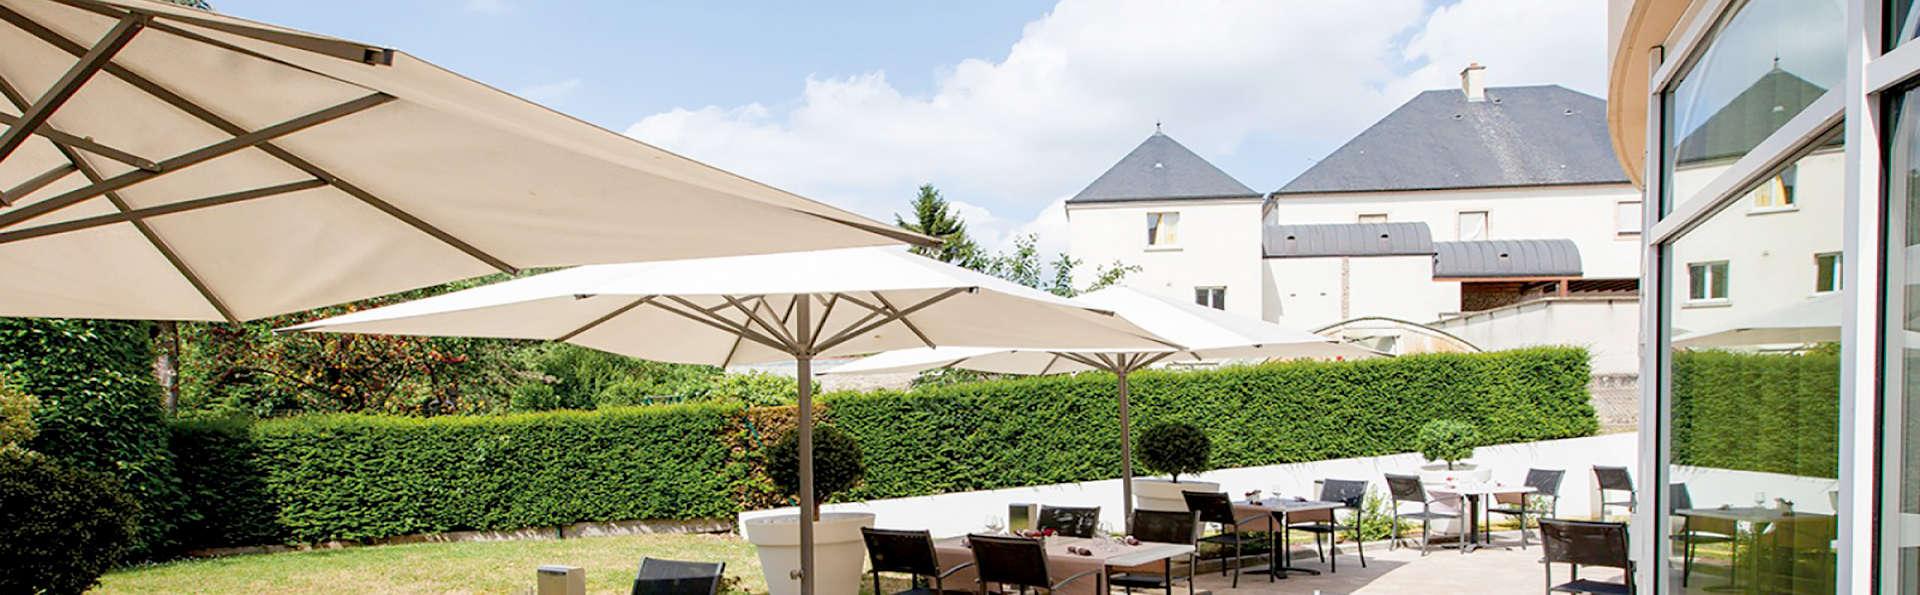 Le Richebourg Hôtel Restaurant et Spa - Edit_Terrace.jpg